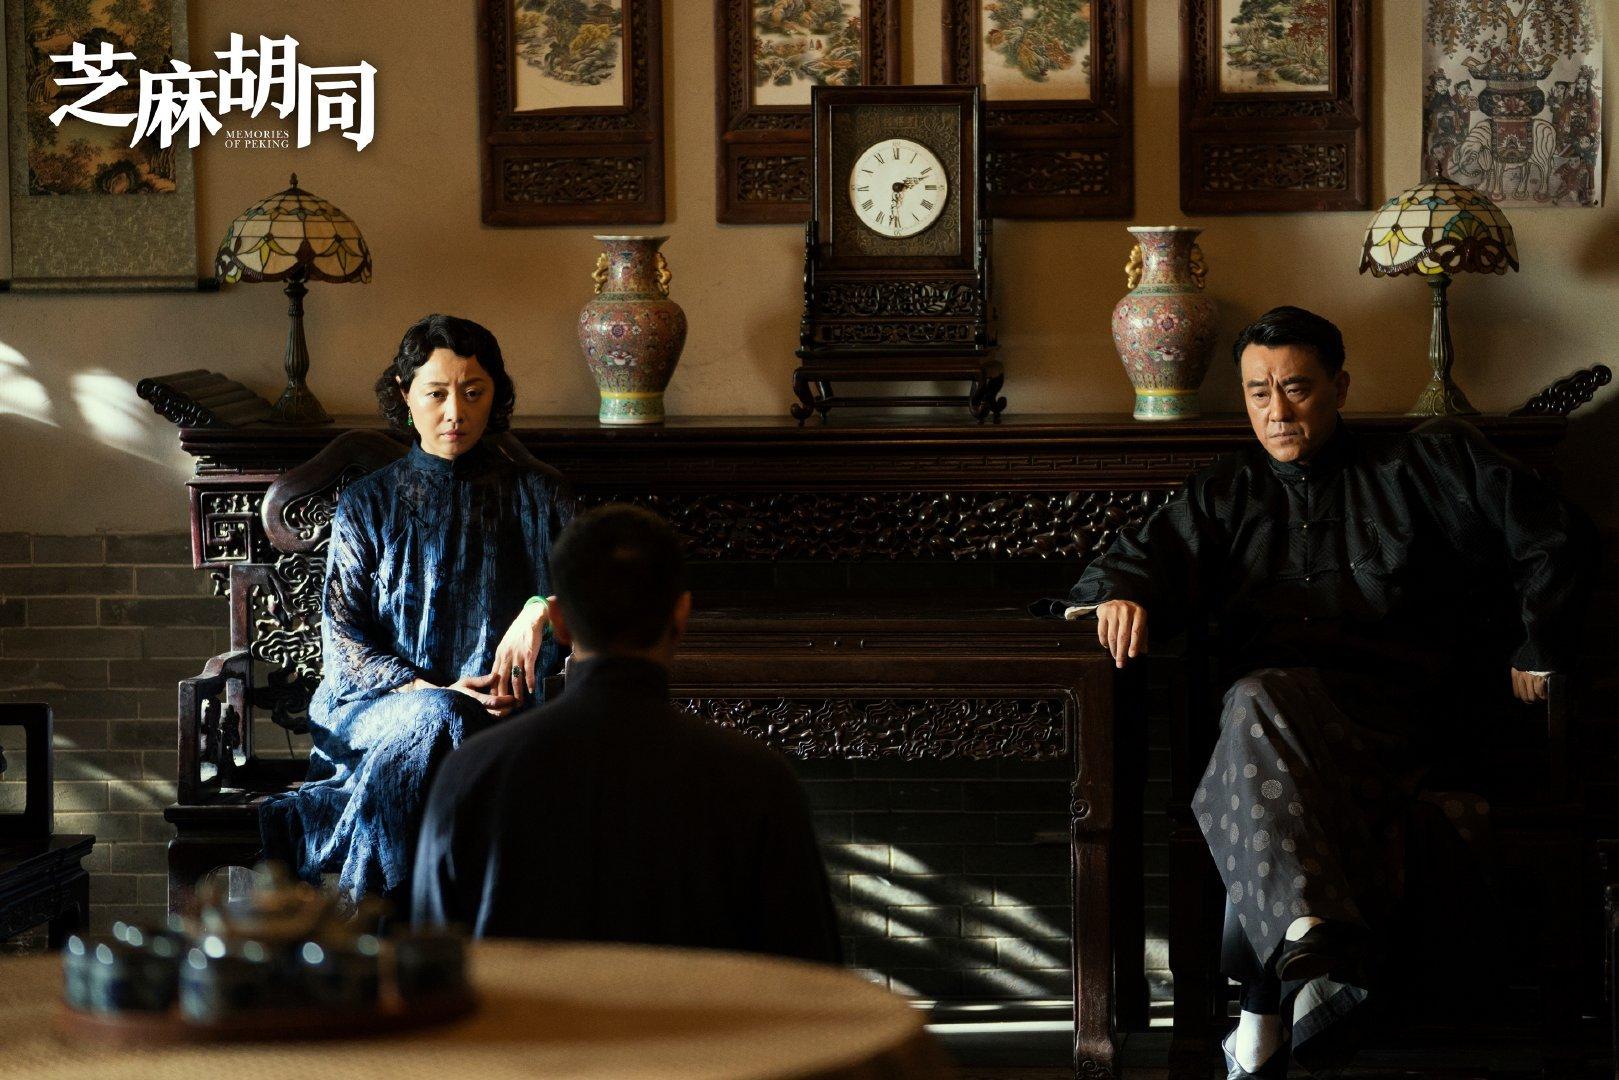 北京大望刘家胡同_王鸥演《芝麻胡同》,不在意观众拿自己和老北京刘蓓比较_刘家成